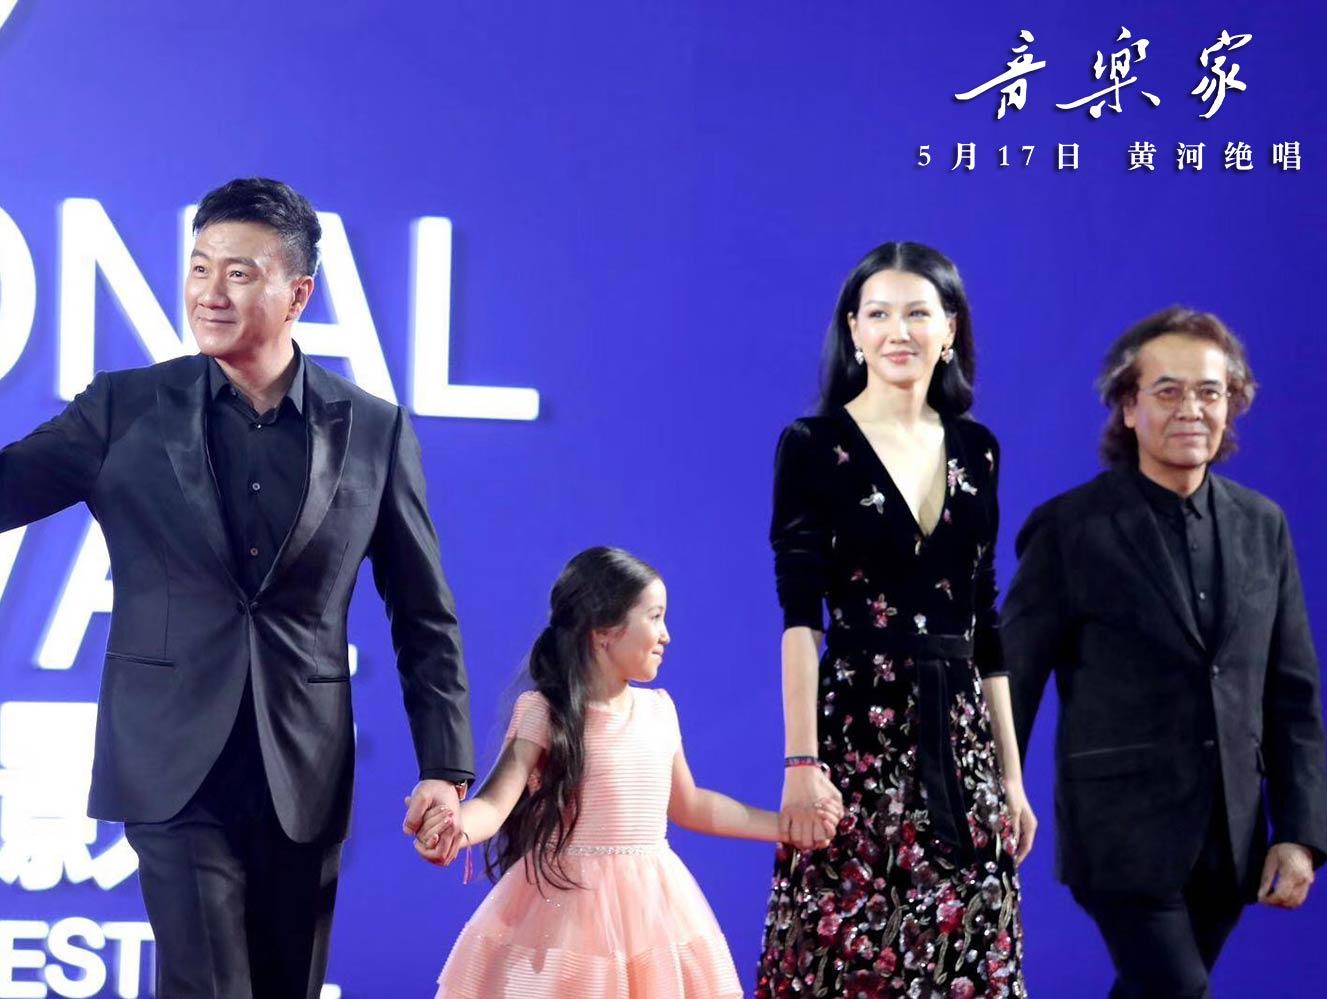 《音乐家》众主创亮相北京国际电影节闭幕式